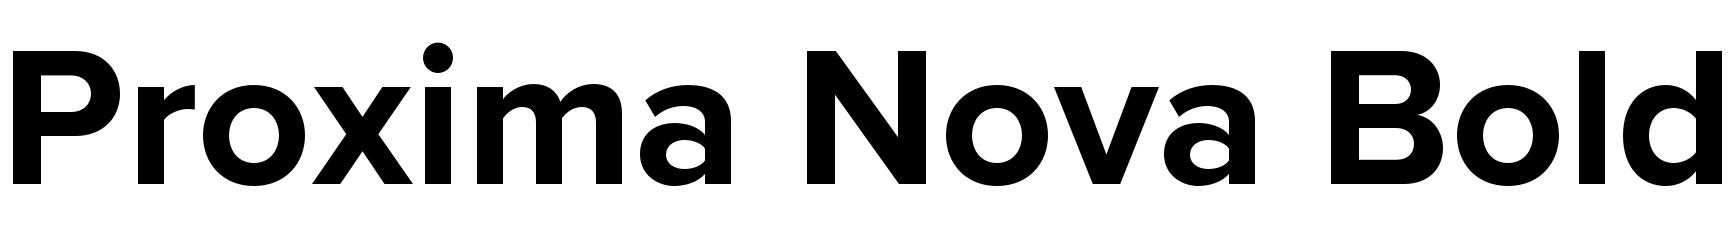 square=1